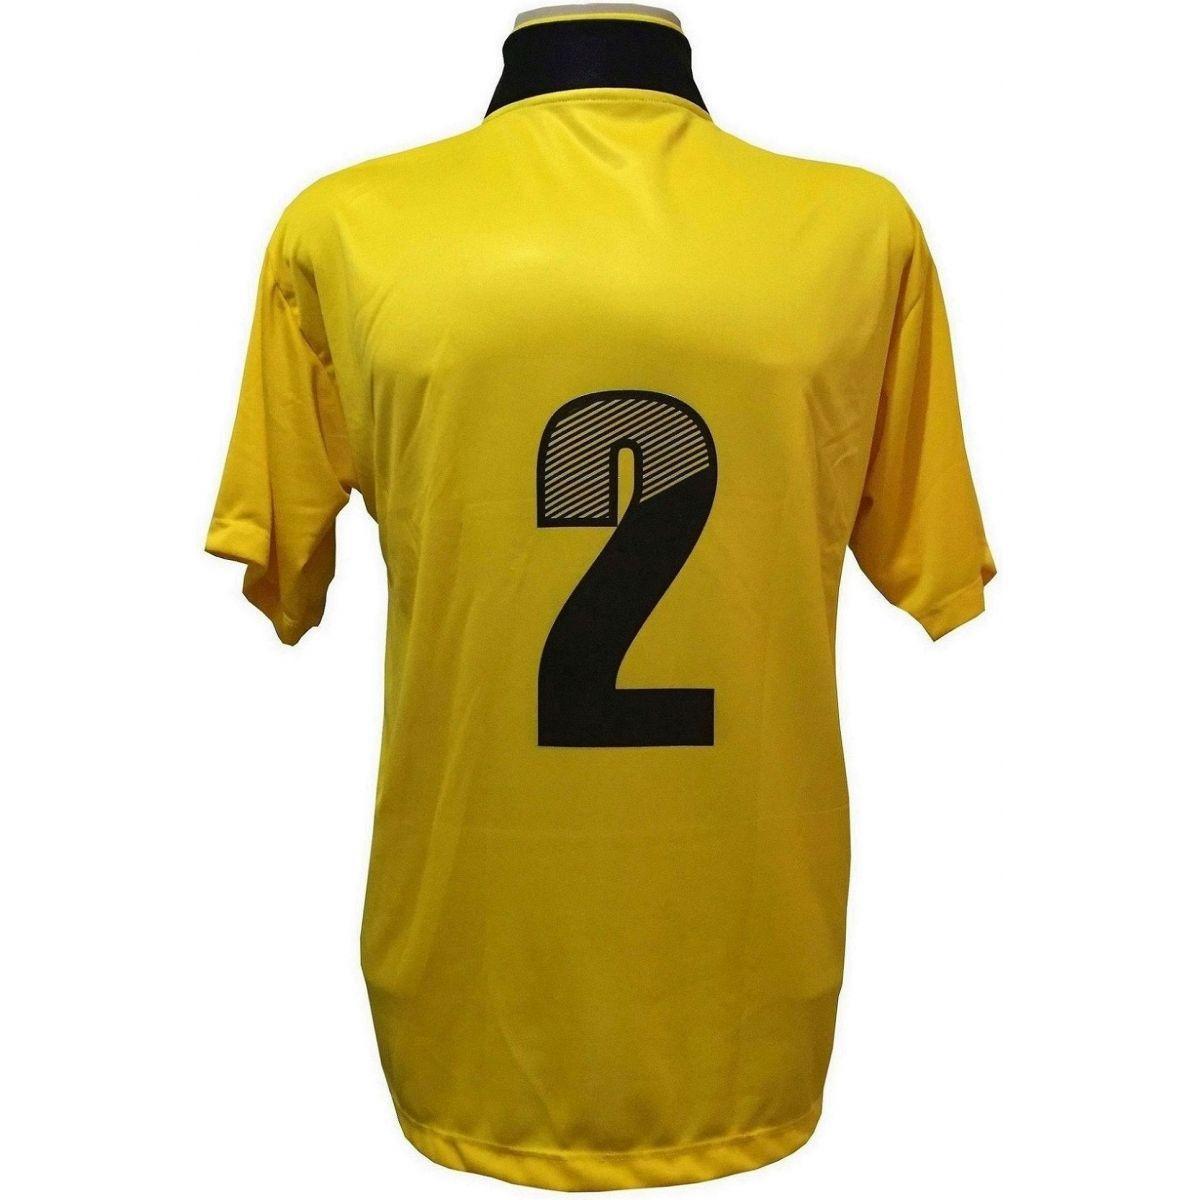 df7ac91201 Uniforme Esportivo com 14 camisas modelo Suécia Amarelo Preto + 14 calções  modelo Madrid + 1 Goleiro + Brindes - Play fair - Uniforme de Futebol -  Magazine ...